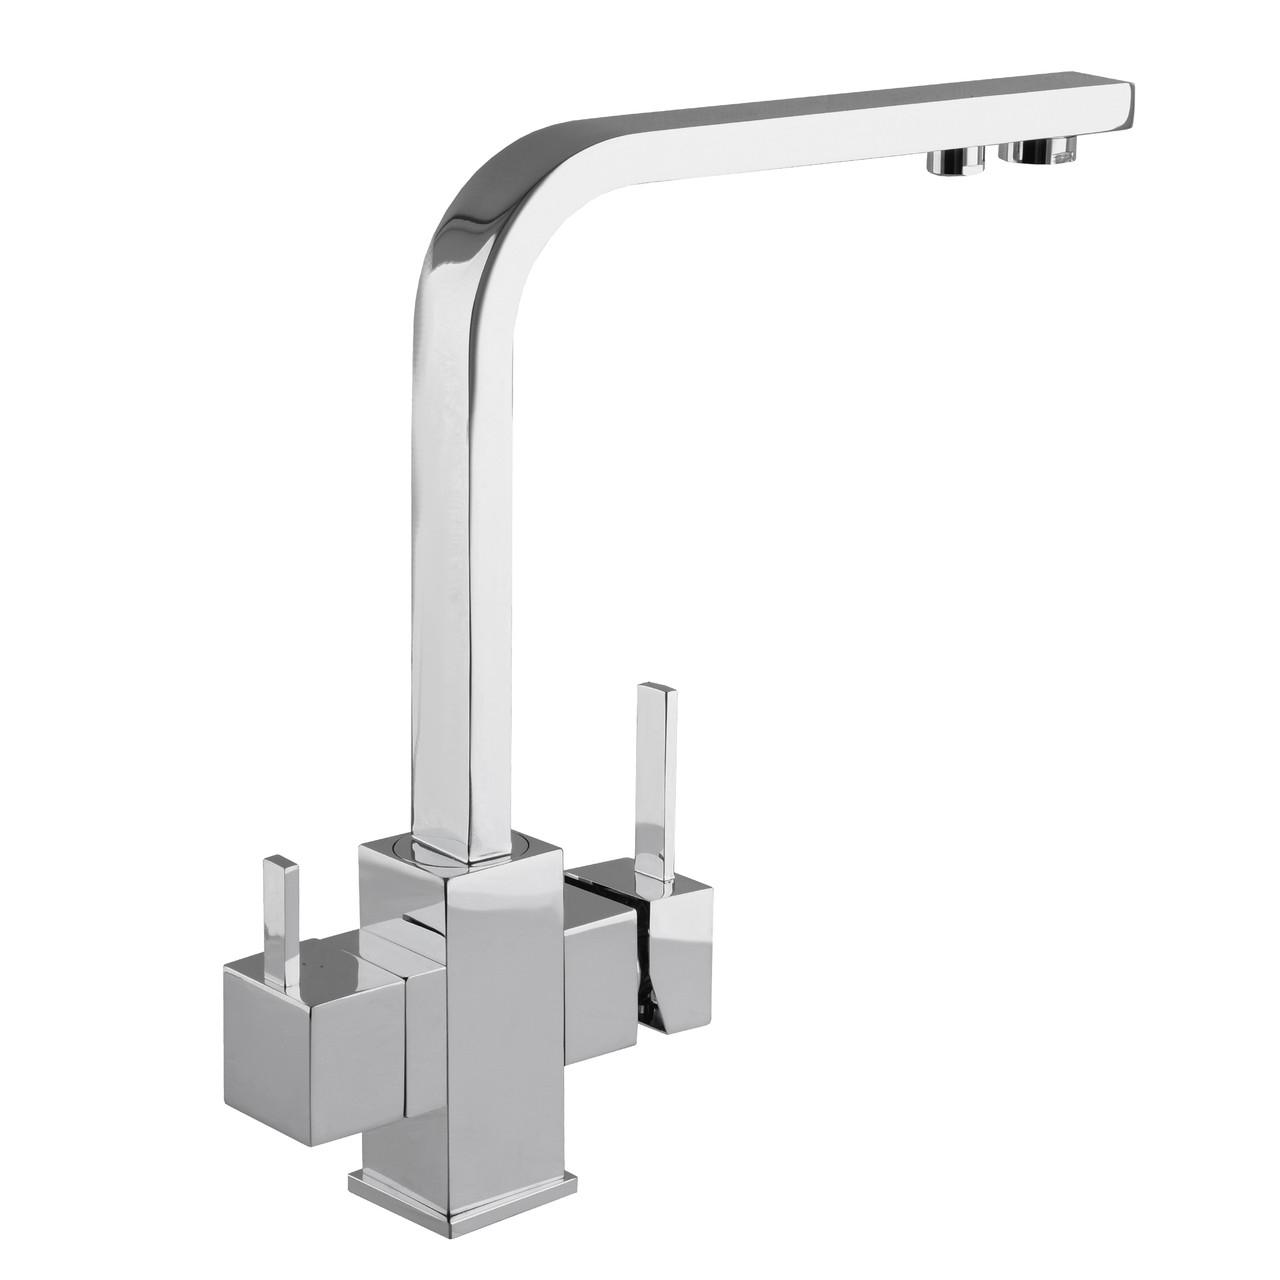 Смеситель для кухни под осмос Globus Lux GLLR-0111